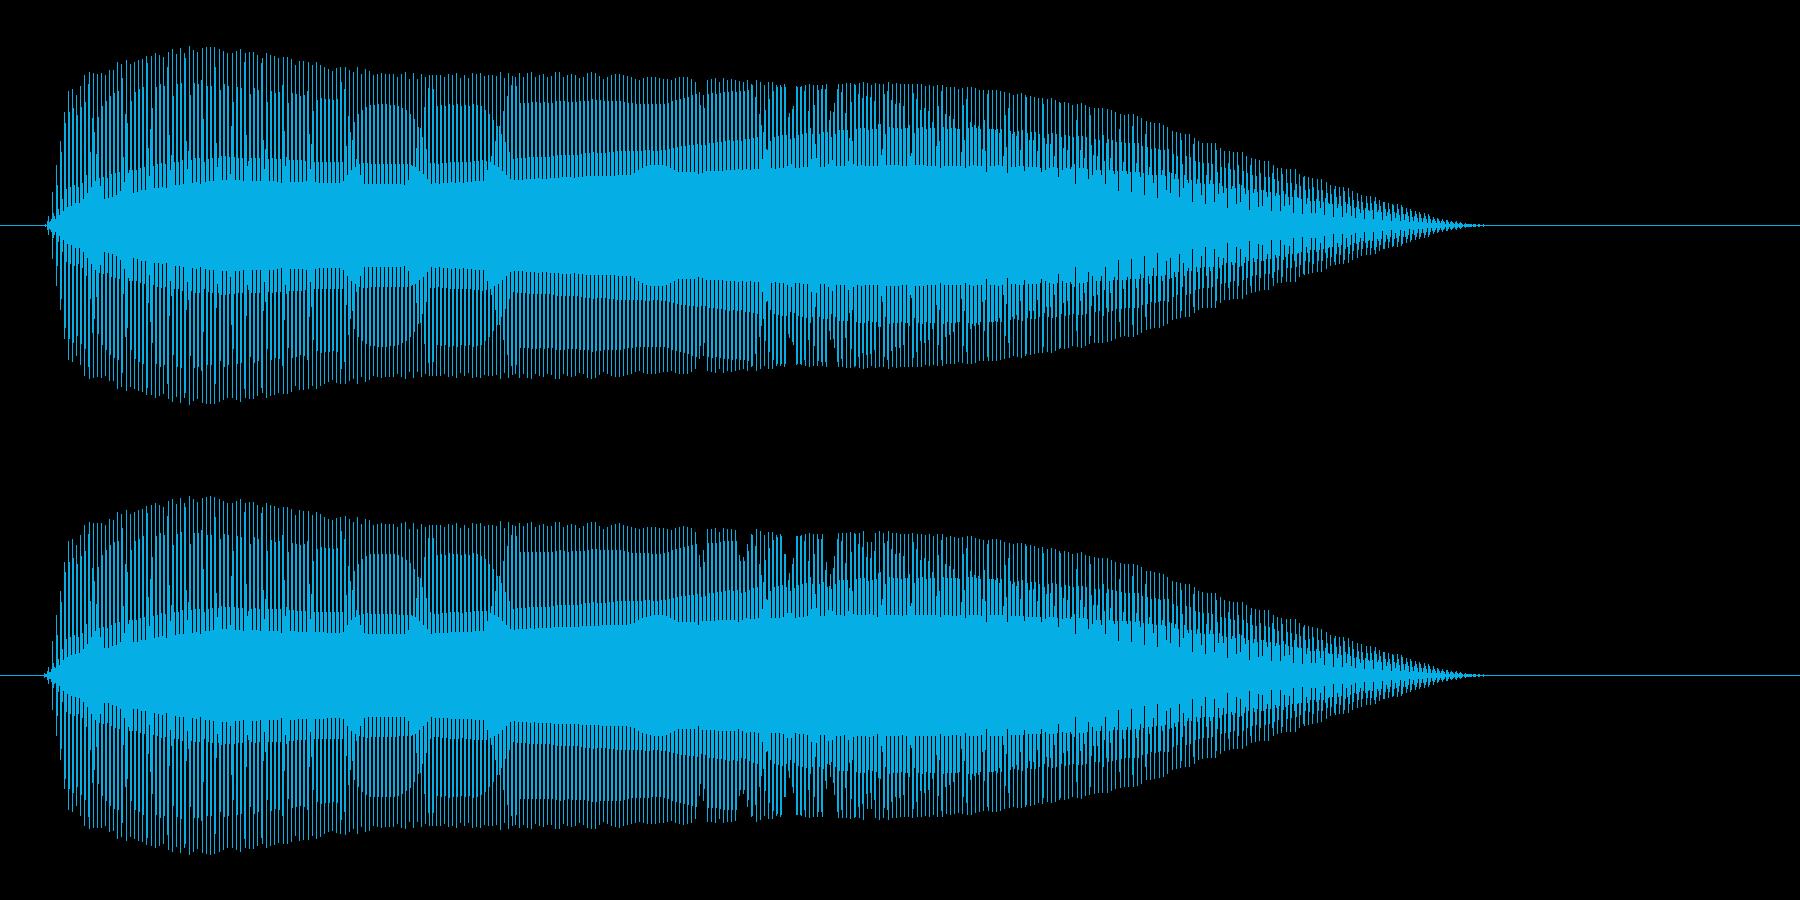 プーッ(ファンシーでシンプルな効果音)の再生済みの波形